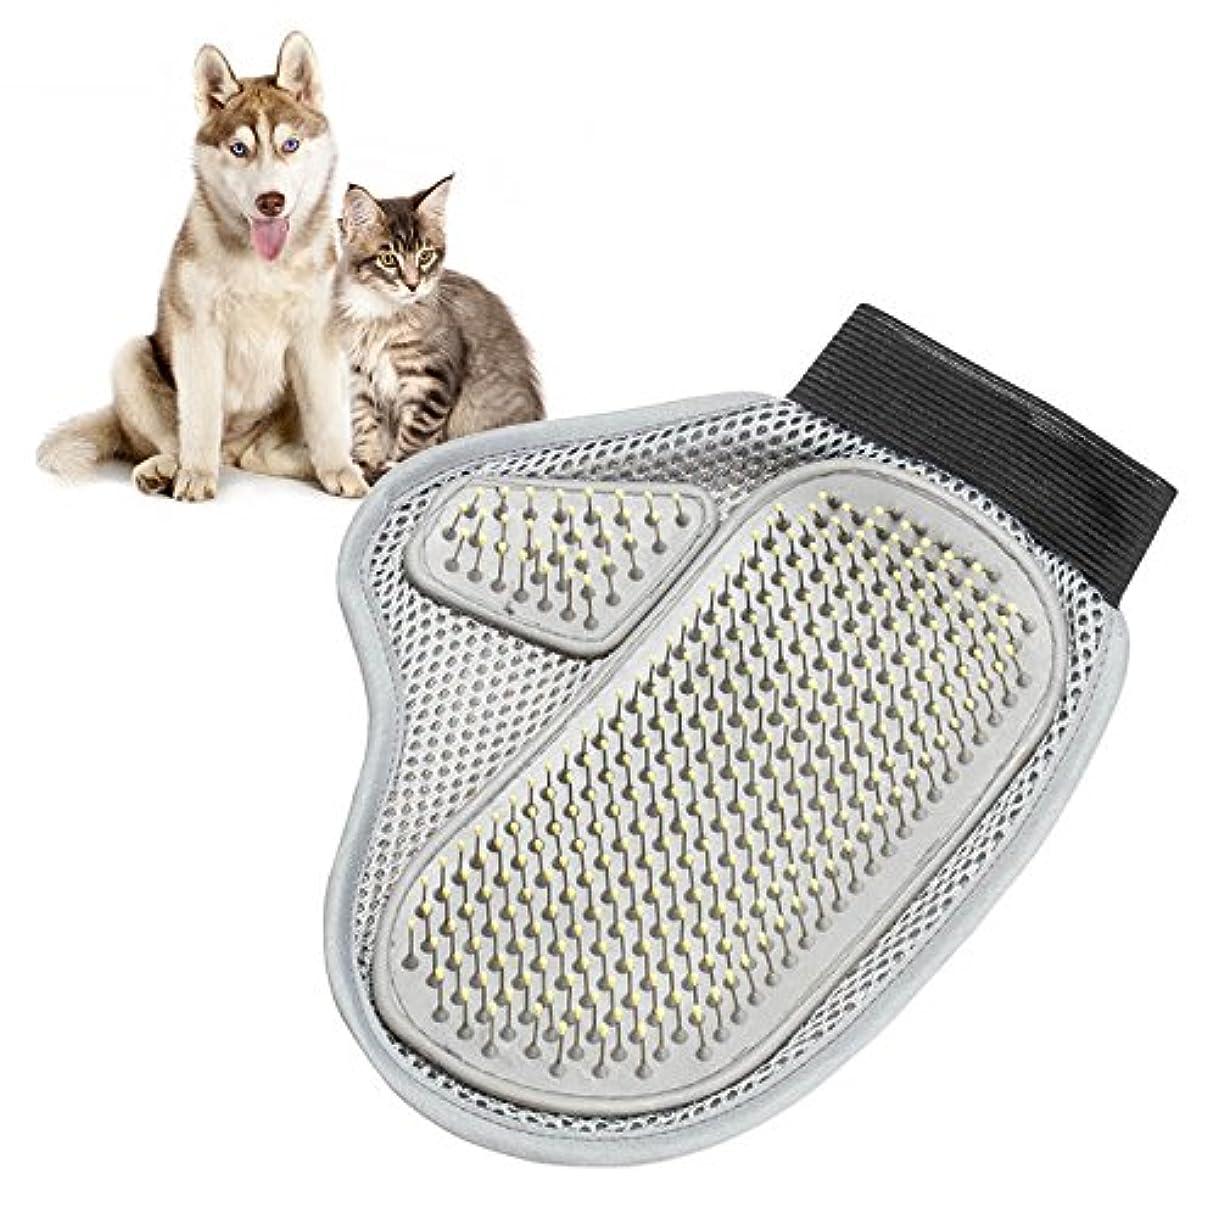 ネスト菊カウンタBTXXYJP ペット ブラシ 手袋 猫 ブラシ グローブ クリーナー 耐摩耗 抜け毛取り マッサージブラシ 犬 グローブ (Color : Gray, Size : M)